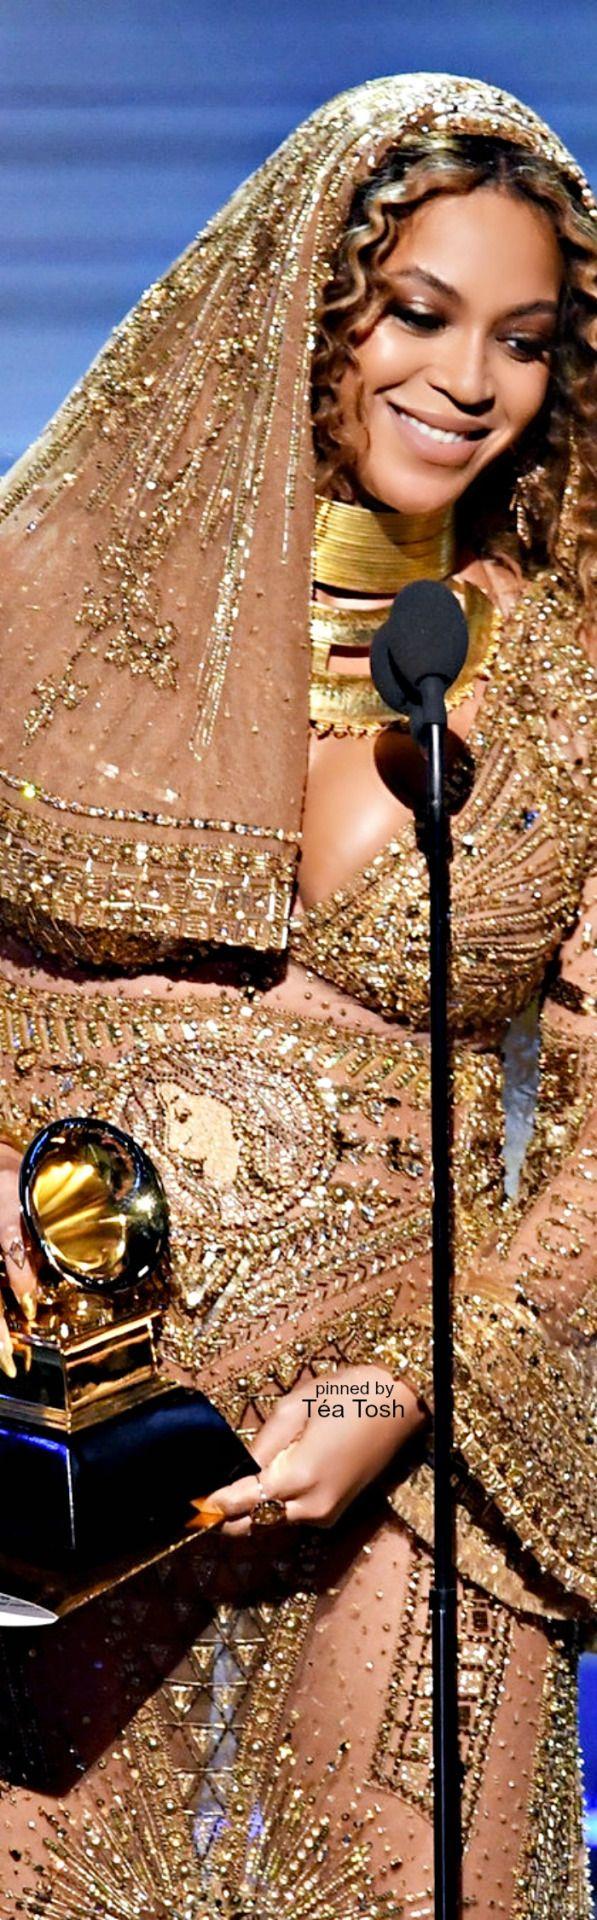 ❇Téa Tosh❇ Beyoncé, Grammys 2017.